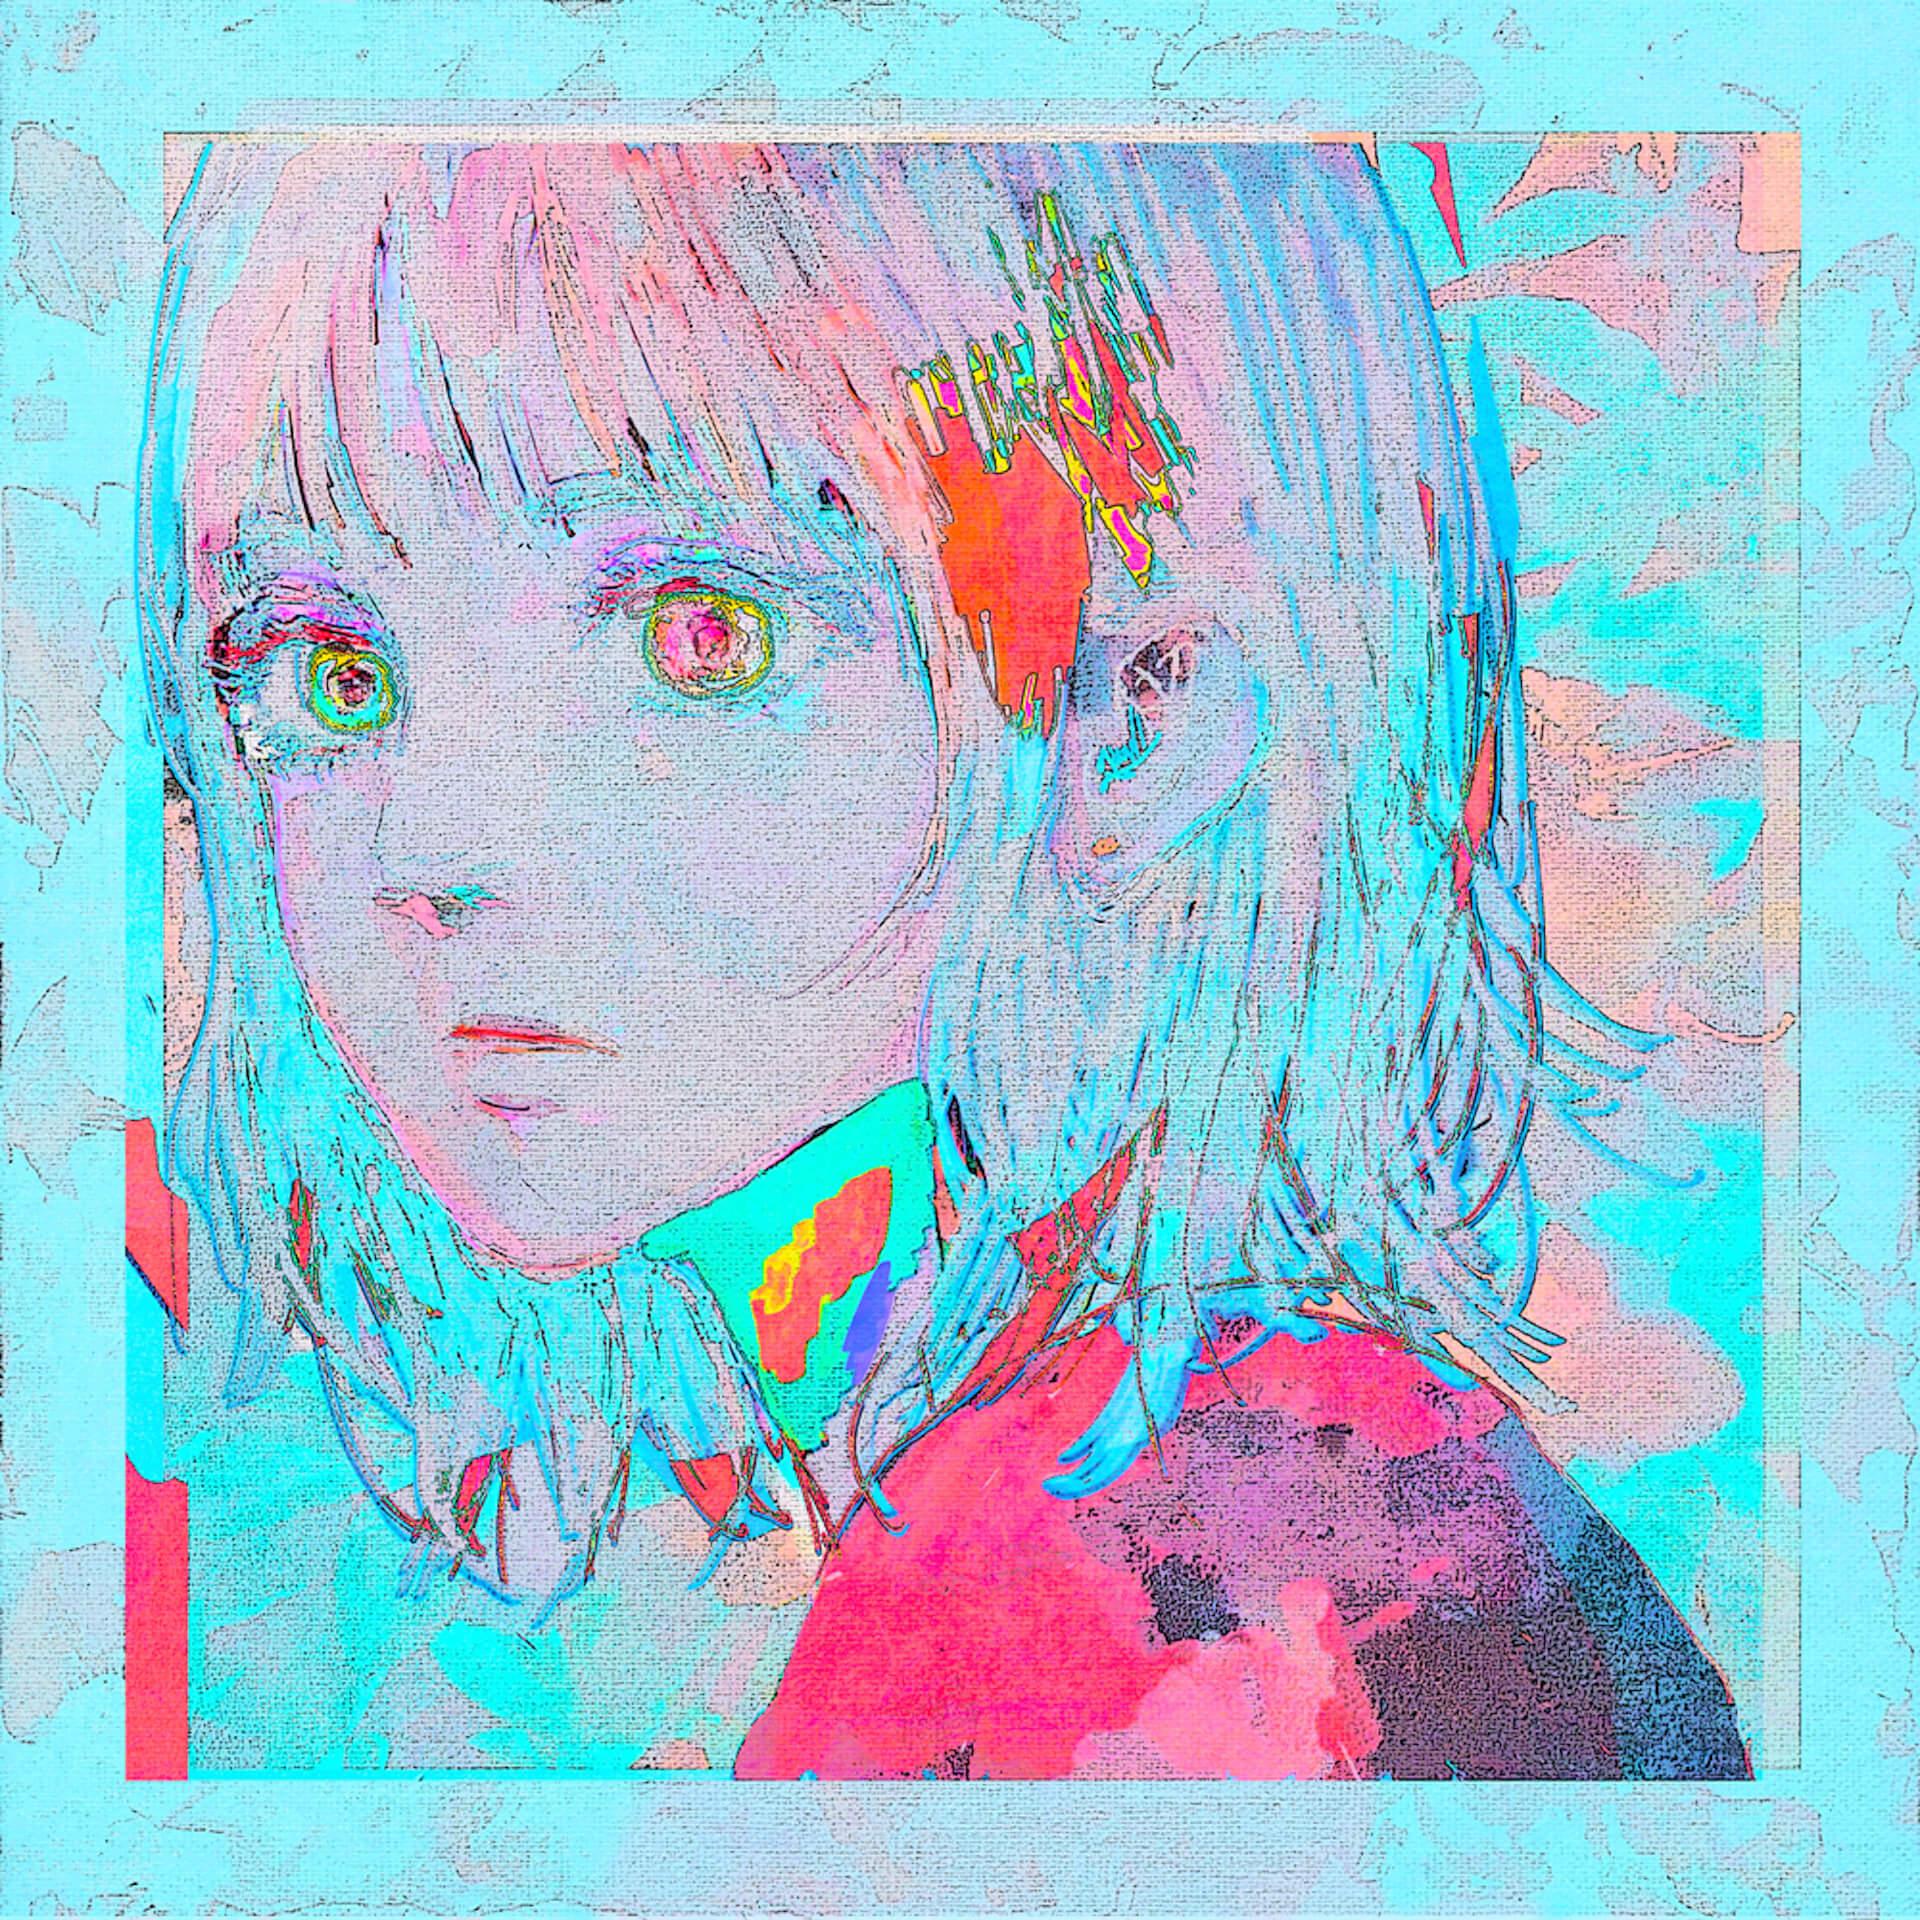 米津玄師ニューシングル『Pale Blue』のオリジナルフォトモーションがTikTokでローンチ! music-210624_yonezukenshi_tiktok_5